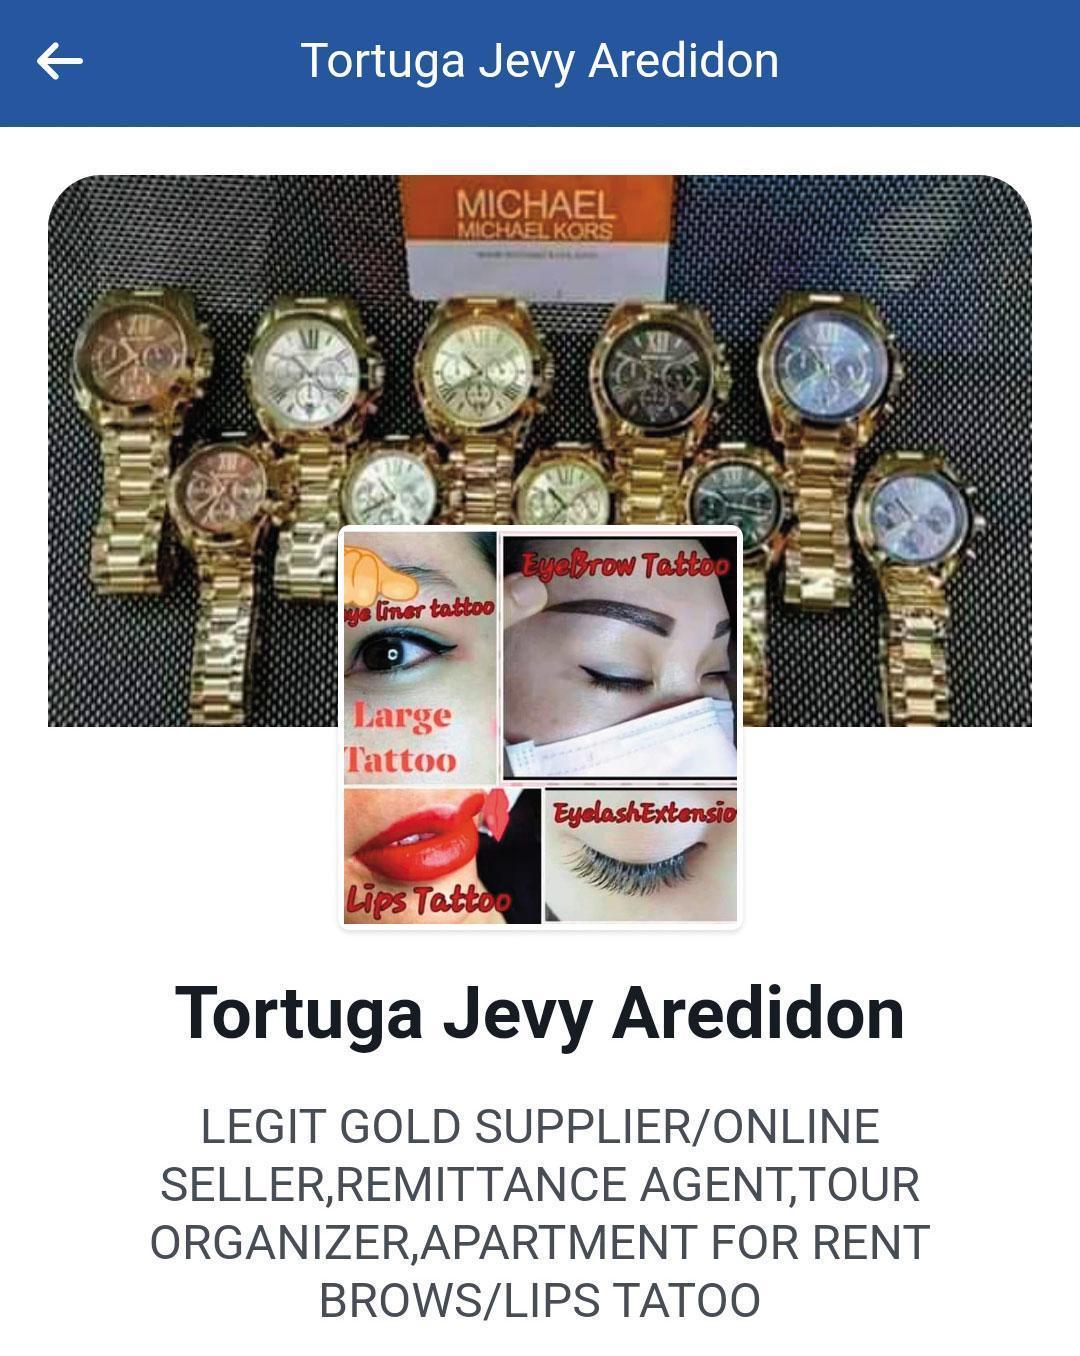 菲律賓吸金集團用臉書做媒介,謊稱從事珠寶、名錶生意,需要資金。(翻攝臉書)